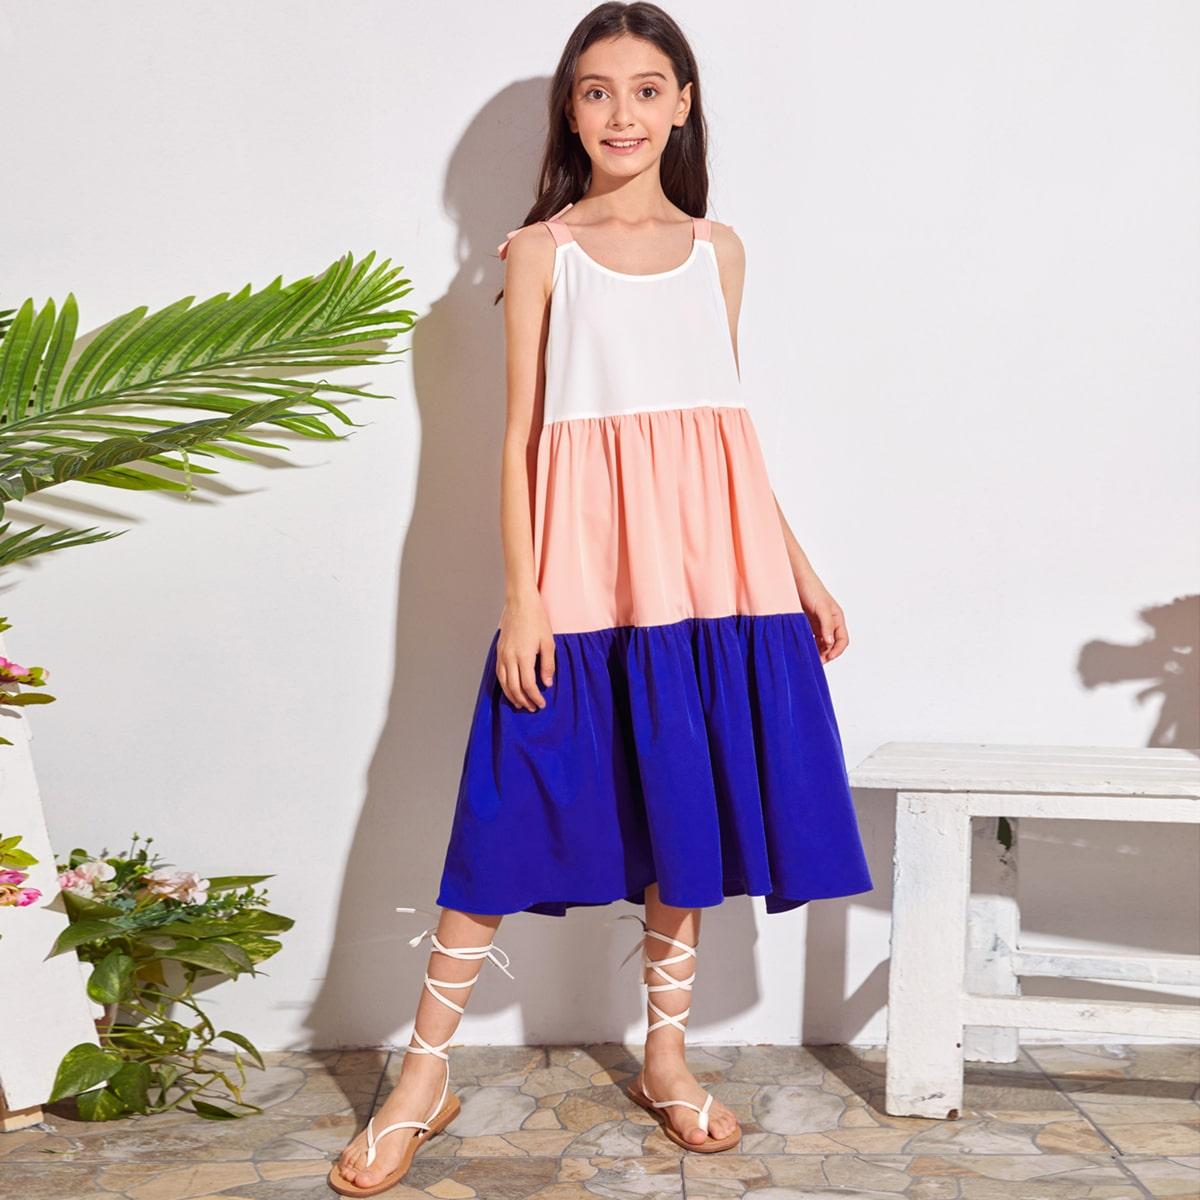 Контрастное платье с узлом на плечах для девочек фото